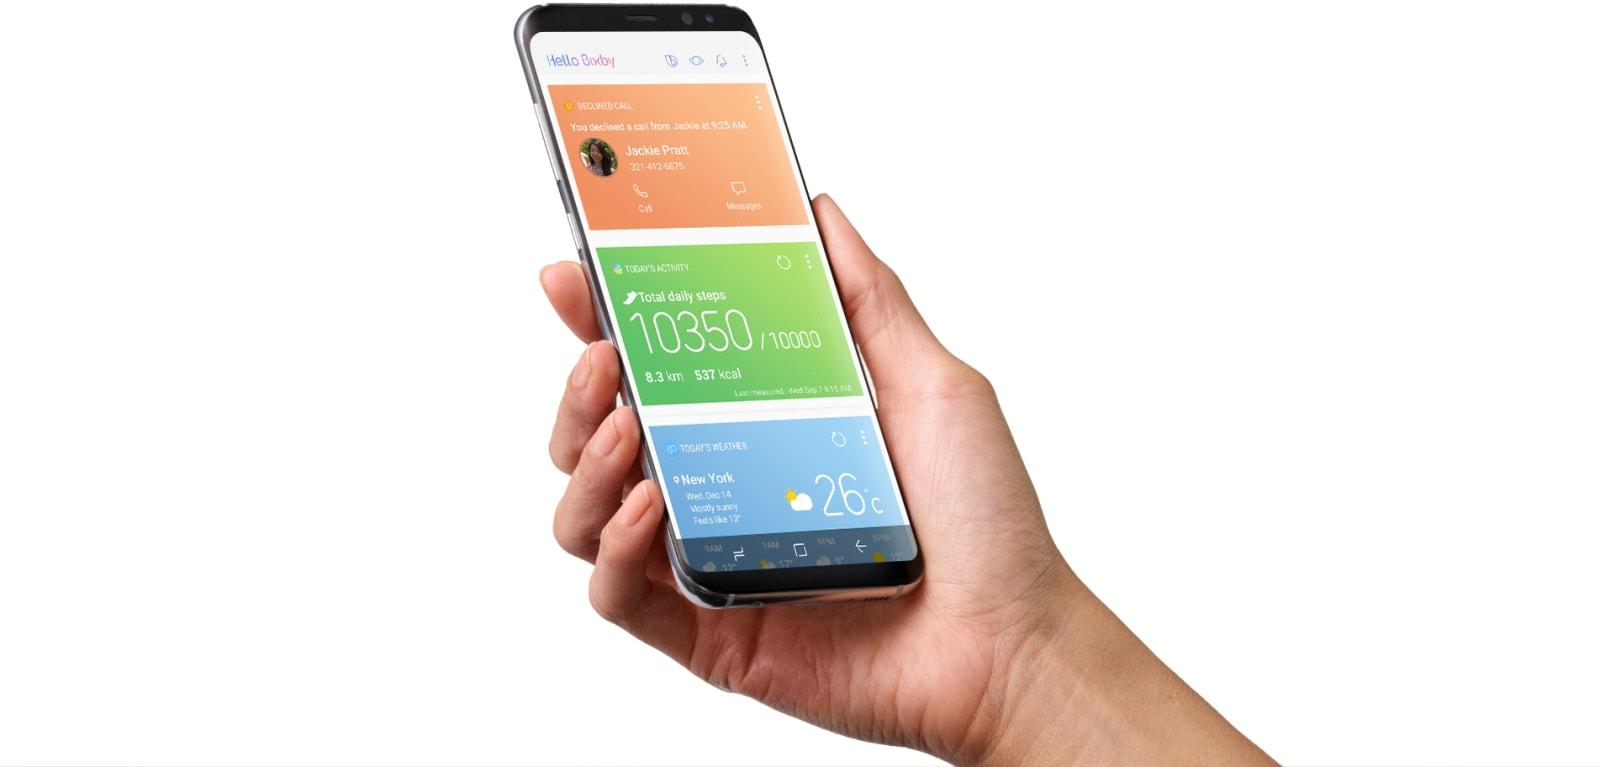 Samsung_Bixby.jpg